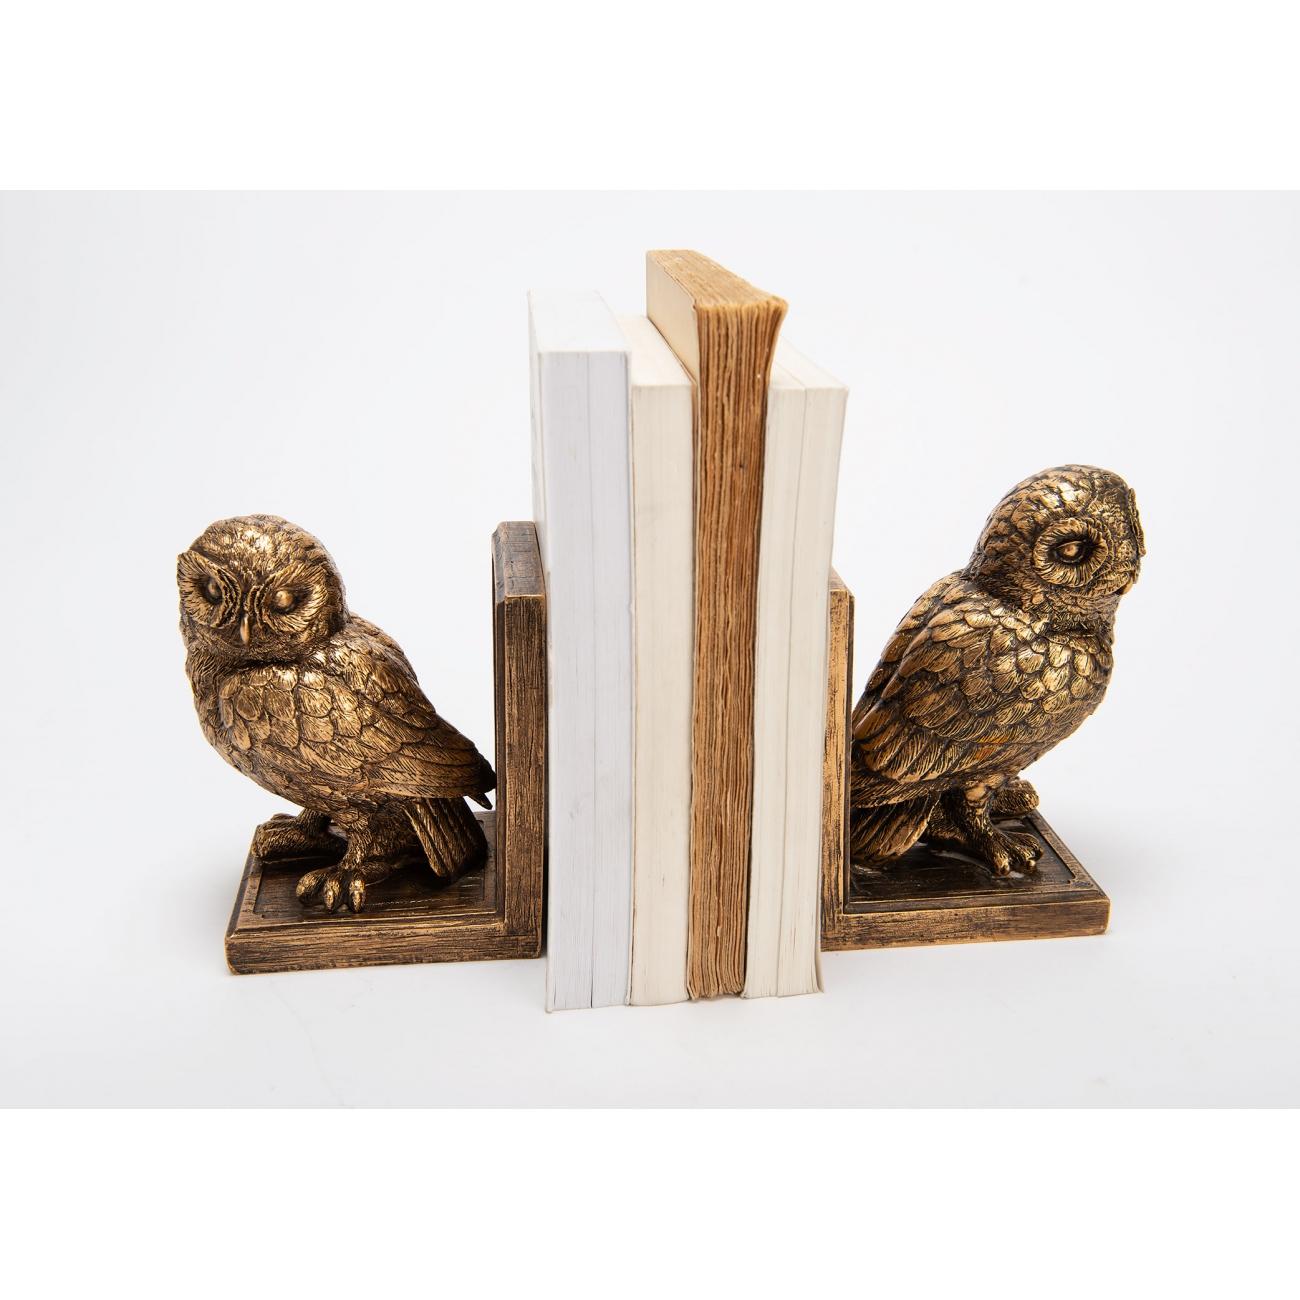 Держатели декоративные для книг AMADEUS совы высота 17 см Франция